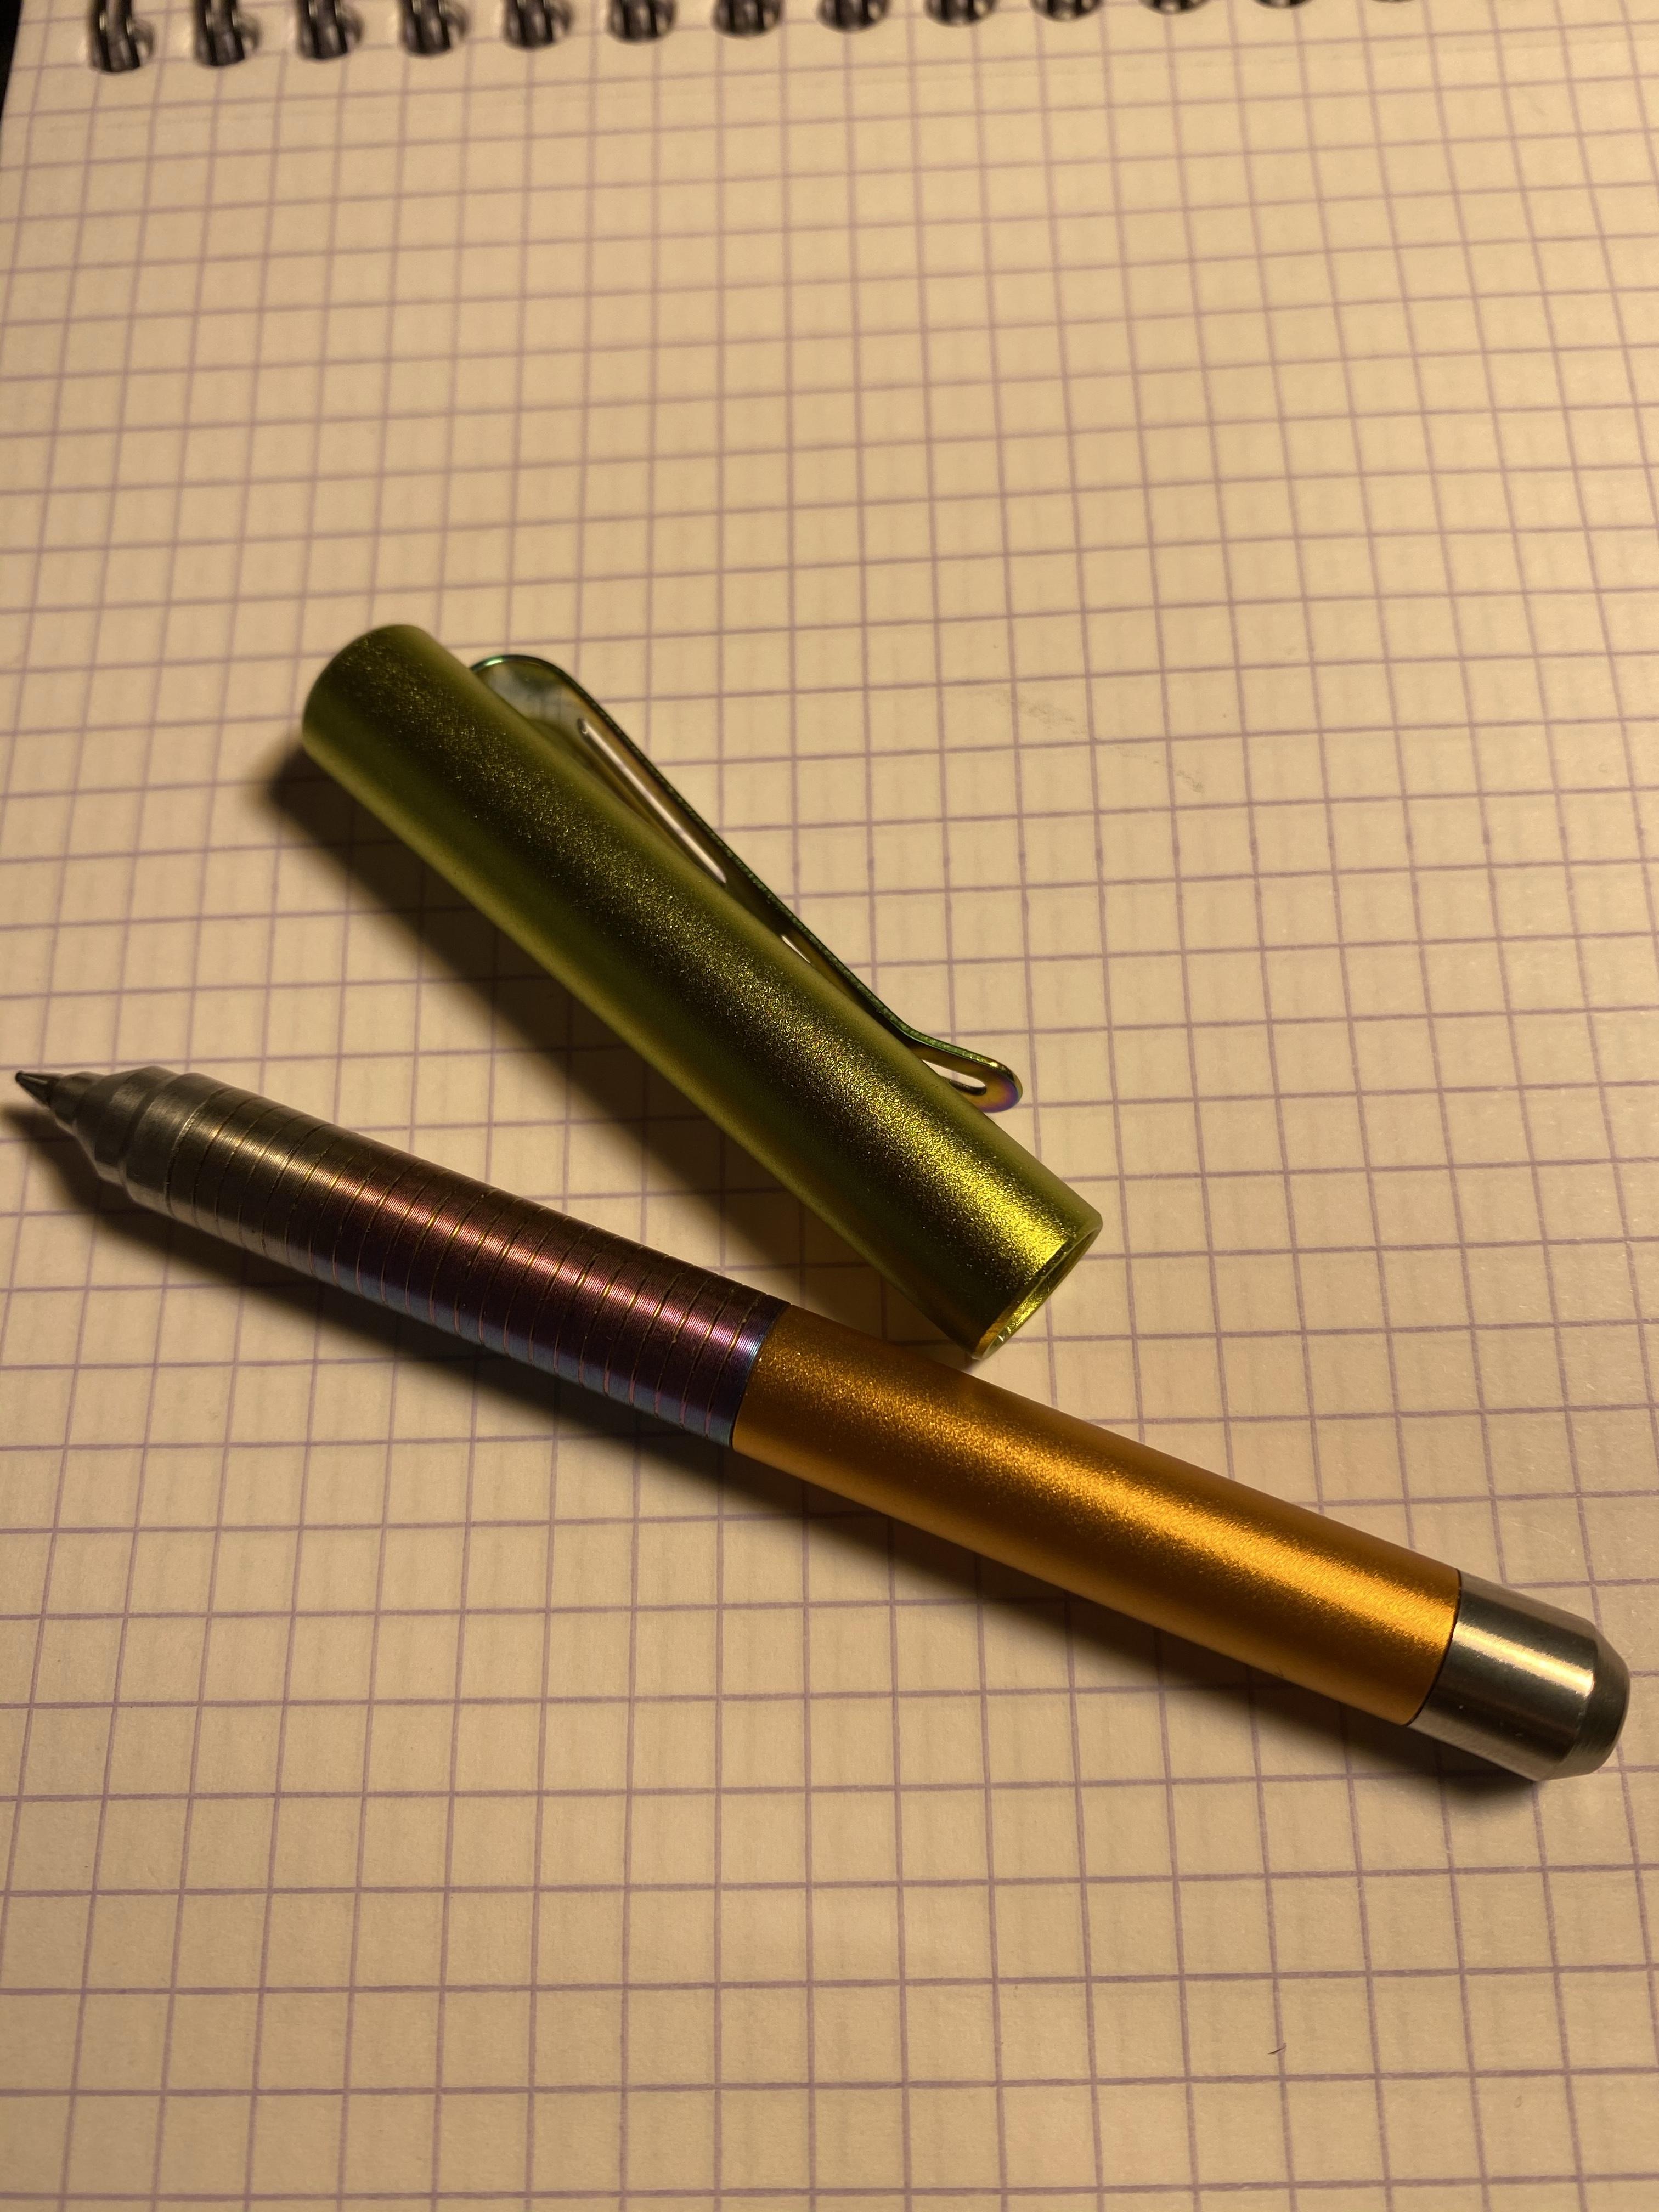 img 6237 - Spoke Roady Gecko Pen Assessment